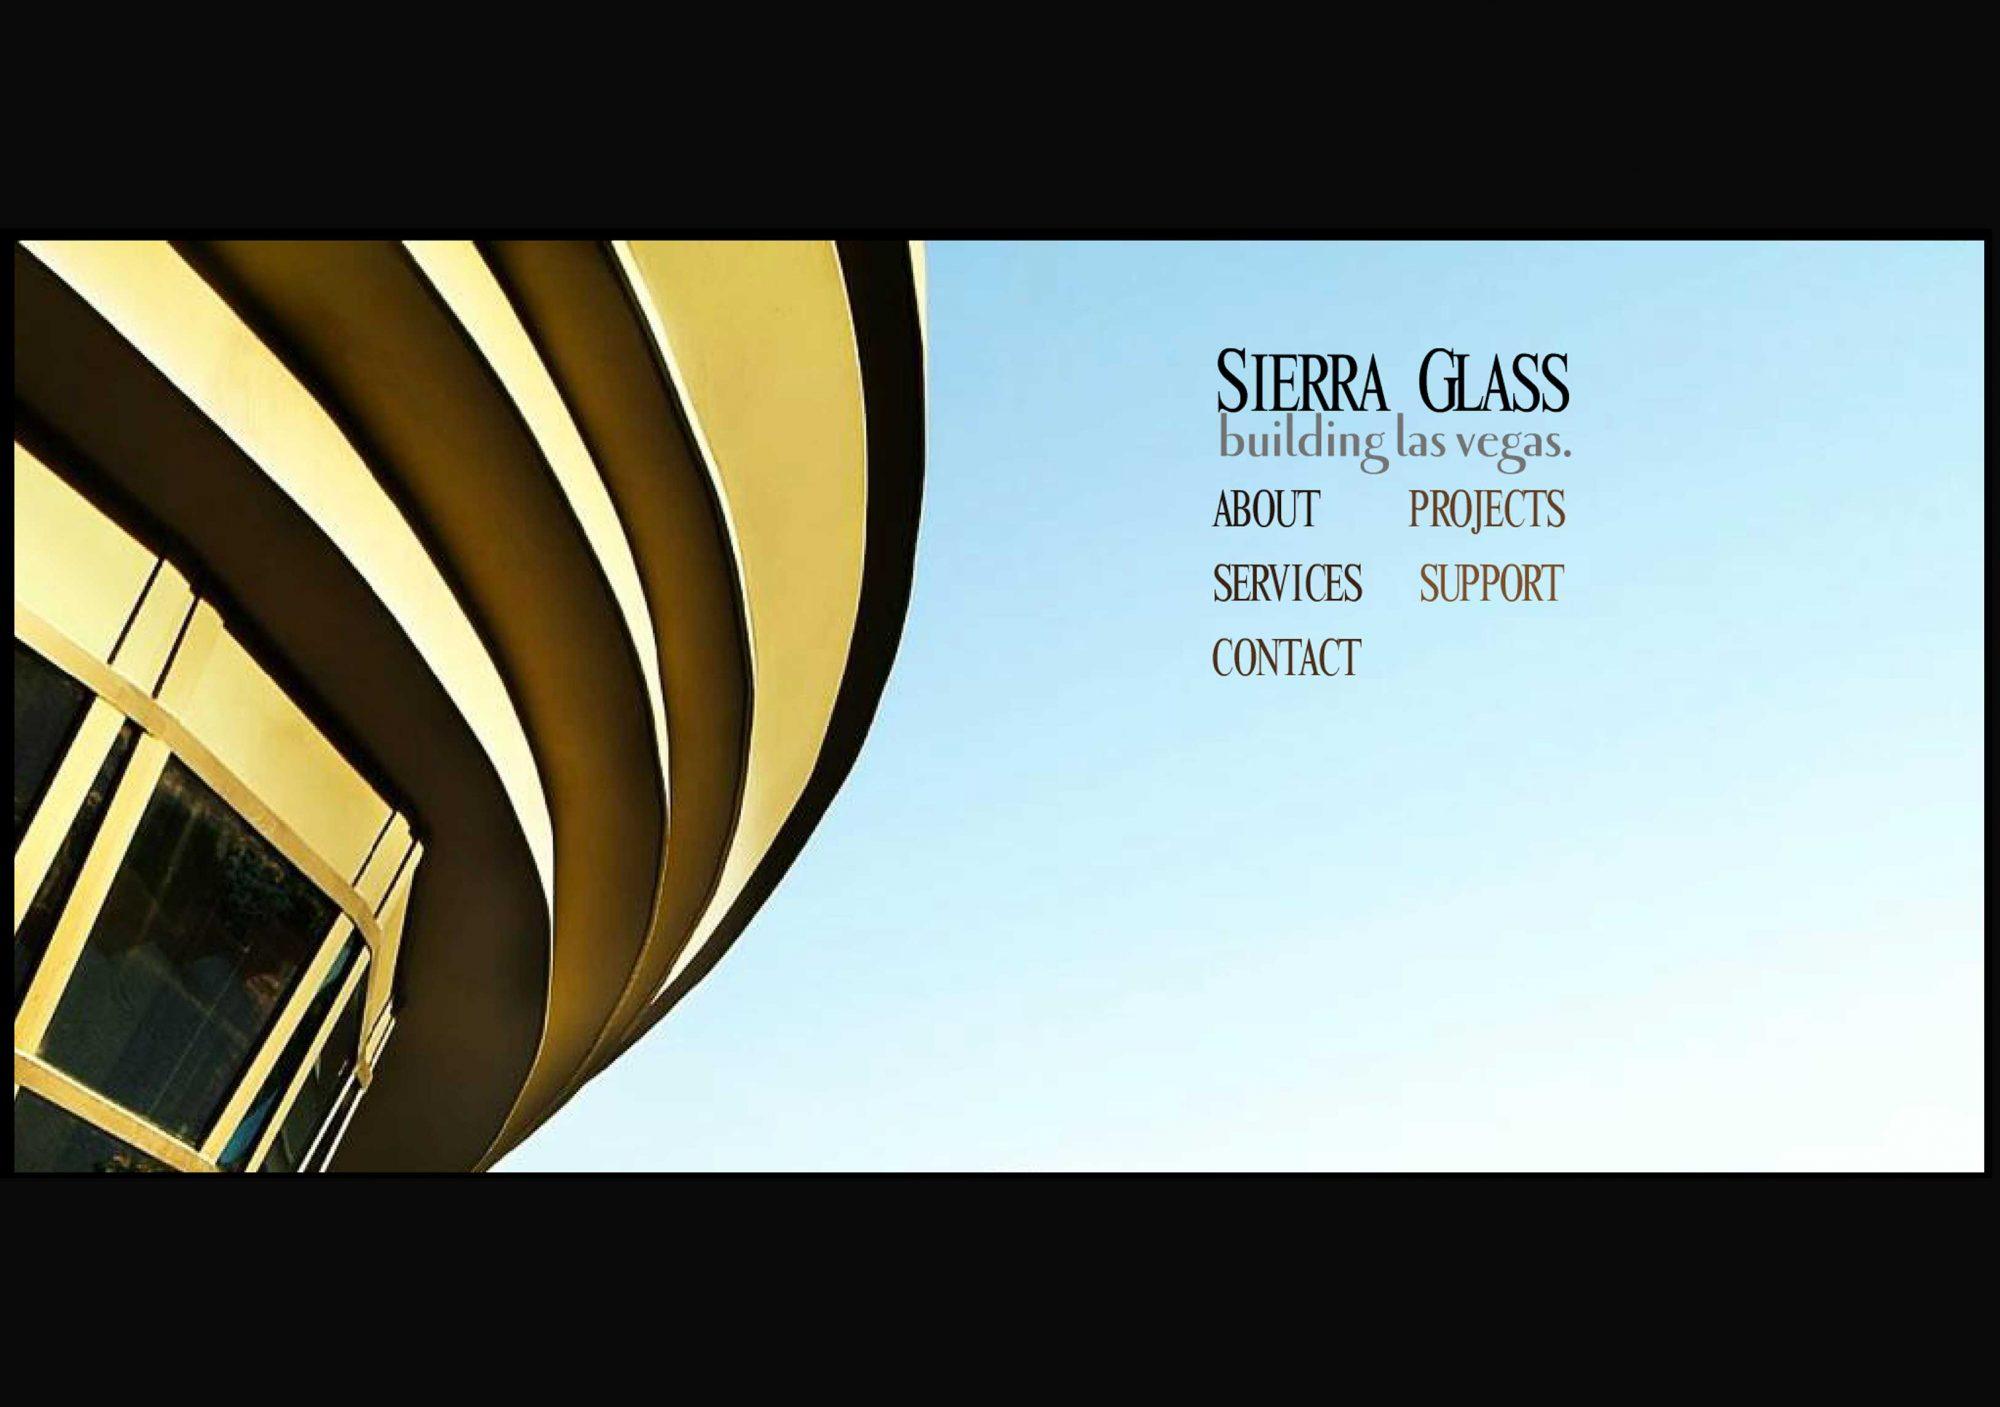 Sierra Glass